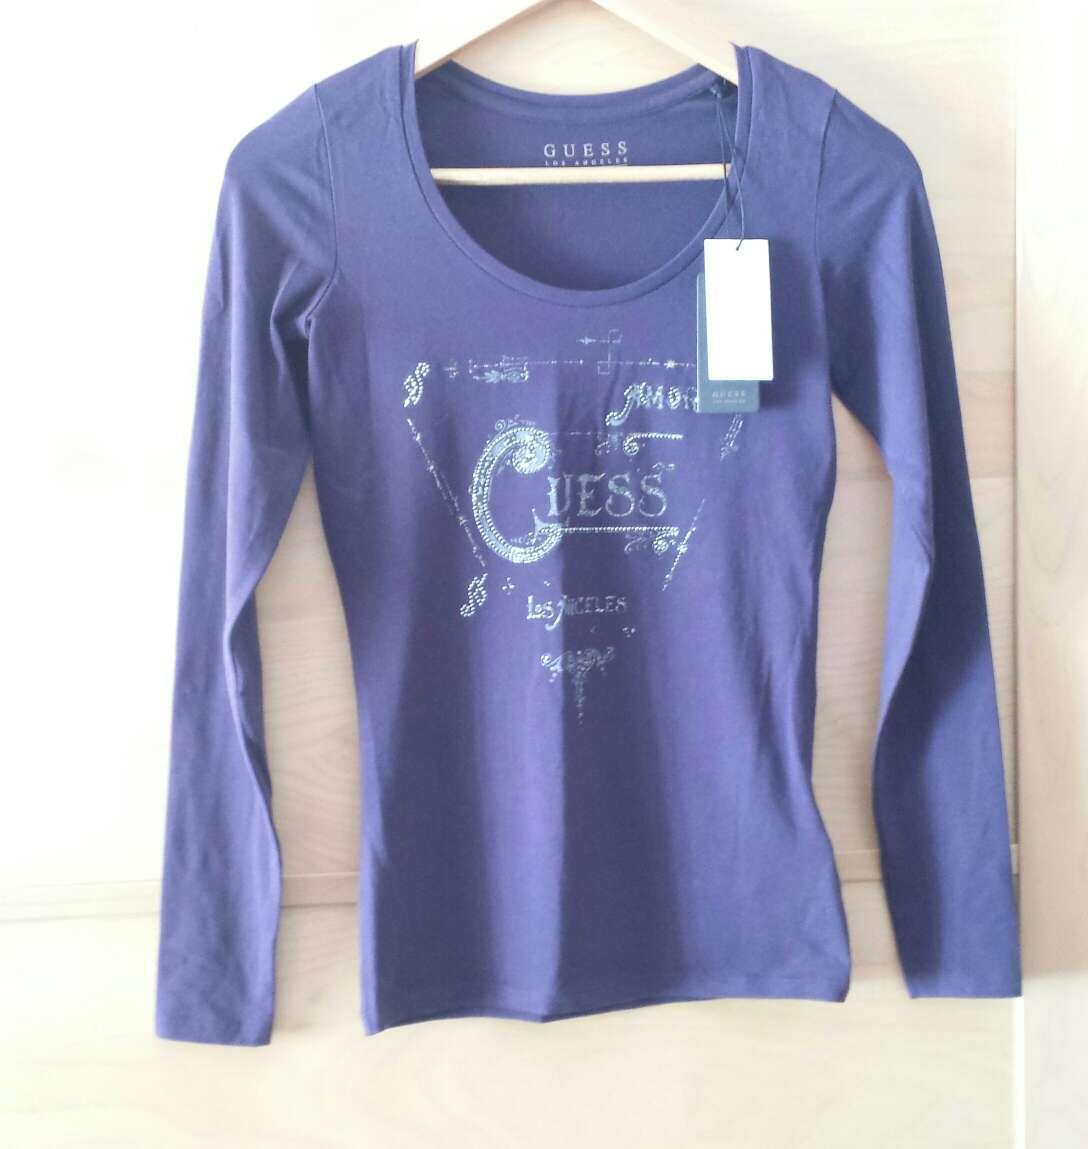 Imagen producto Camiseta nueva GUESS 4